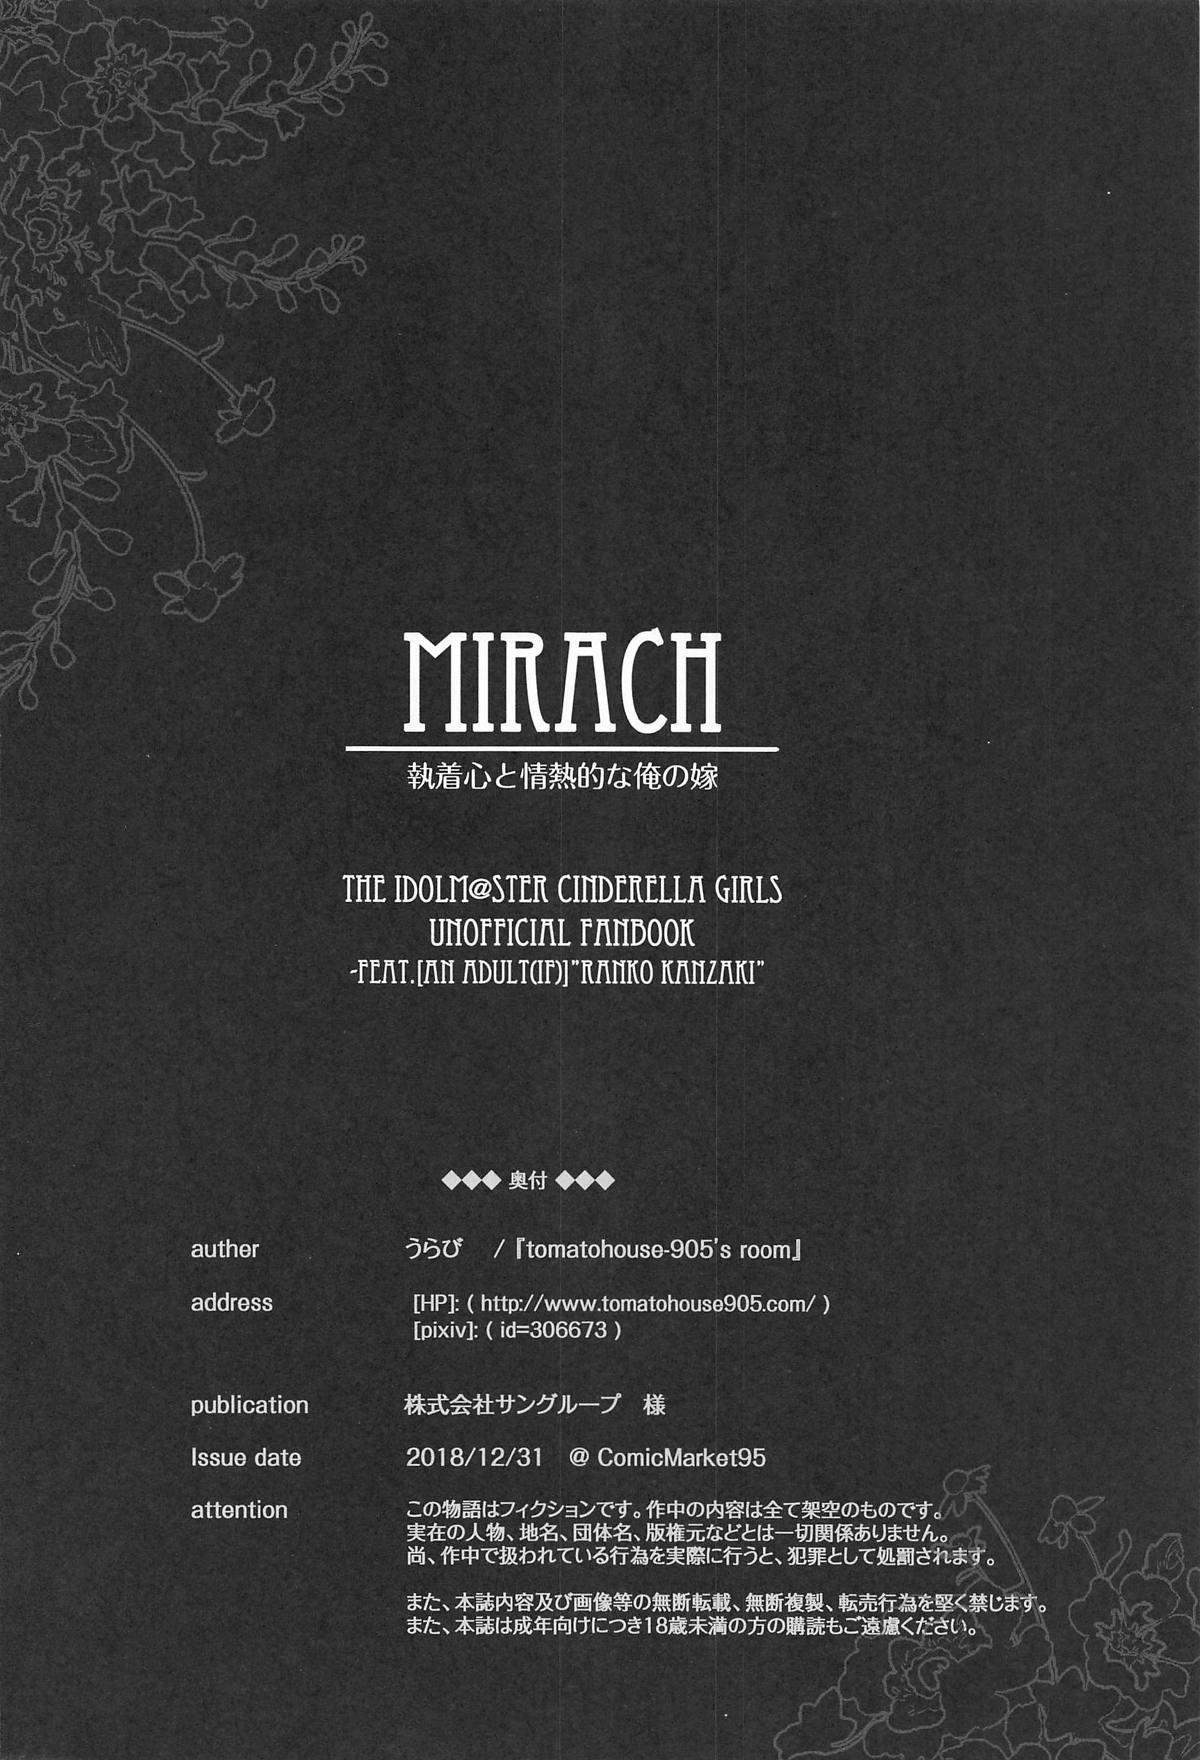 MIRACH 24